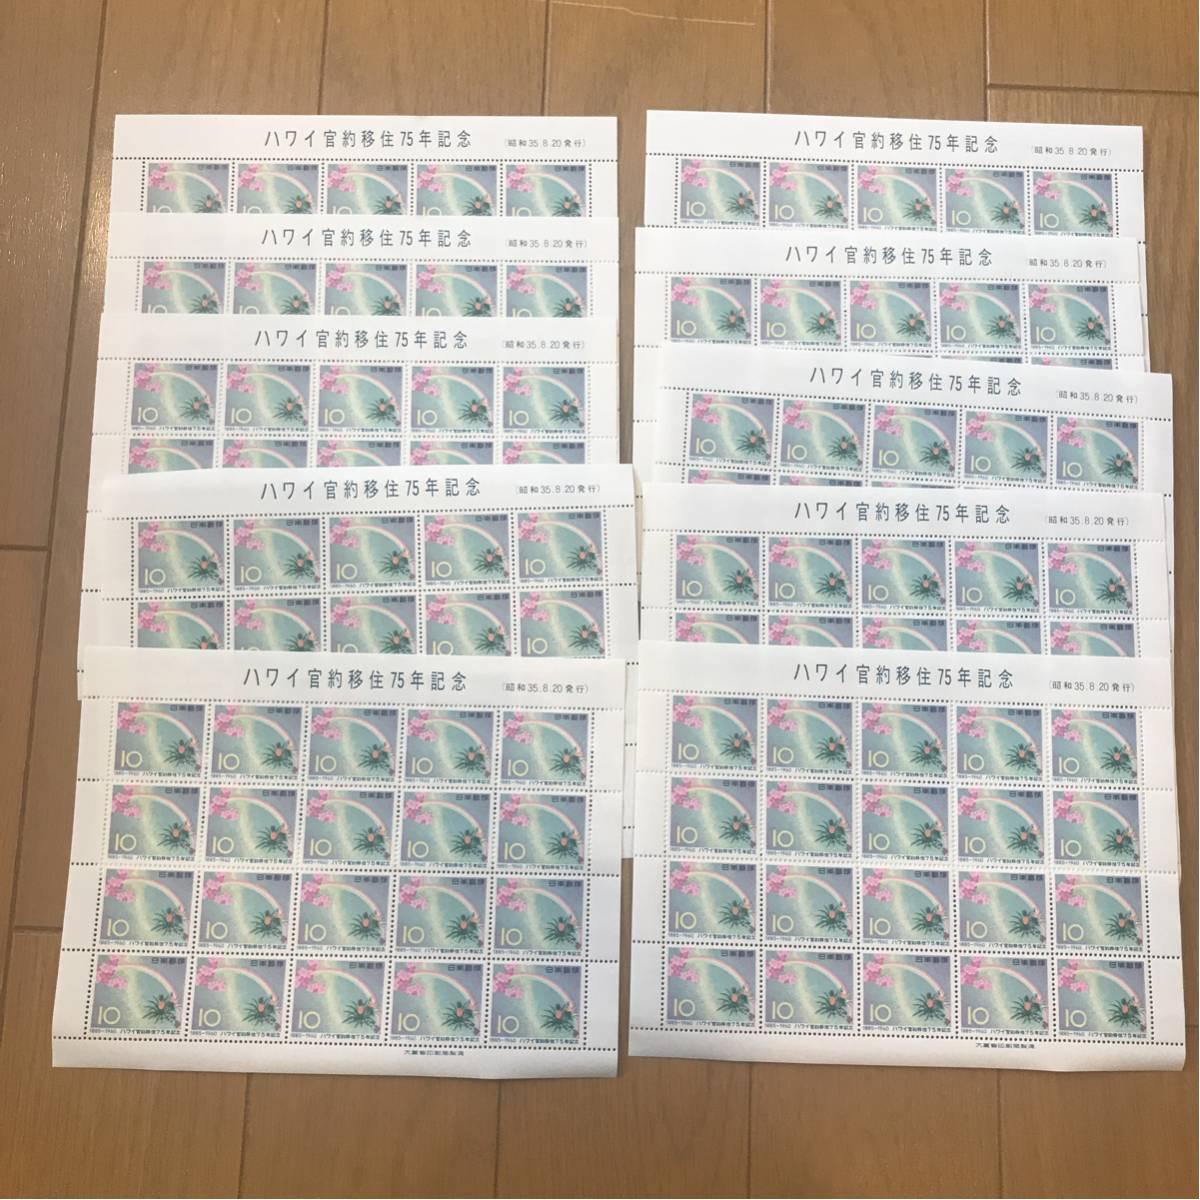 43☆10円切手シート10枚☆2000円分☆ハワイ官約移住75年記念☆